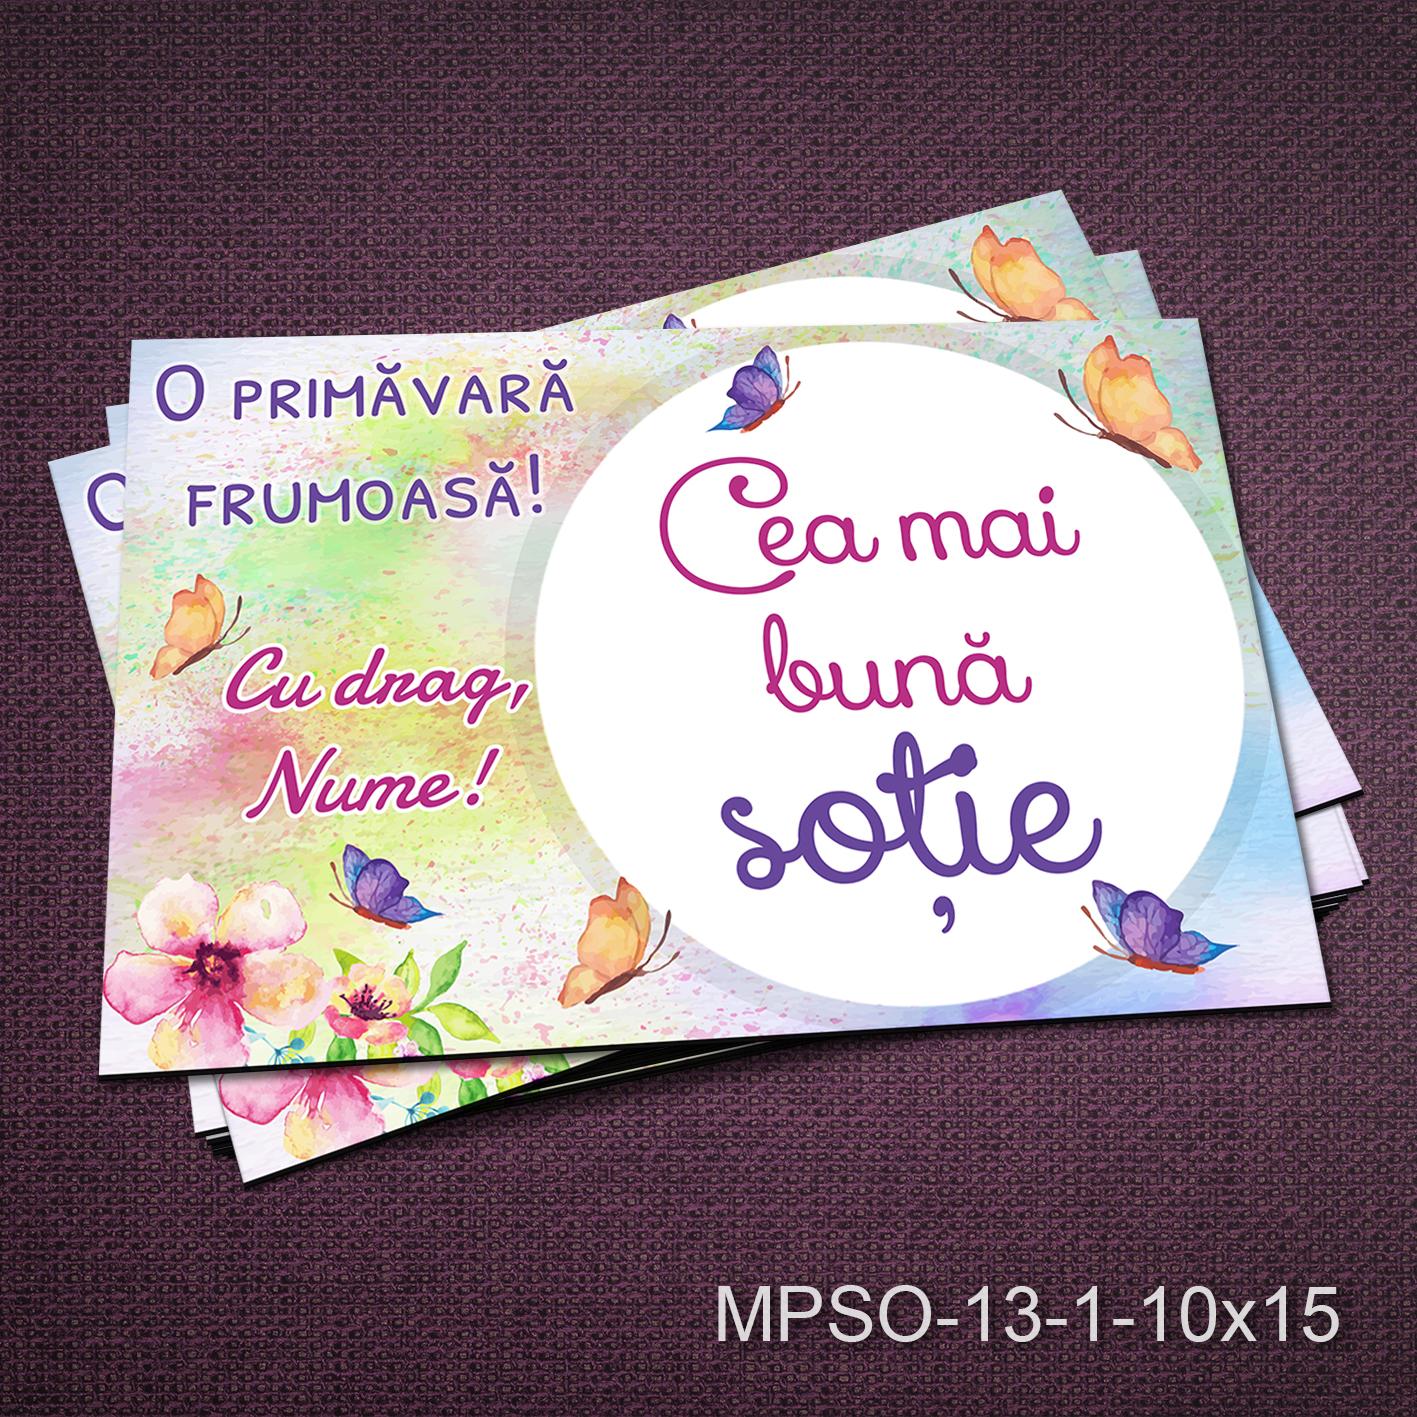 Felicitare magnetica - cea mai buna sotie - MPSO-13-1-10x15